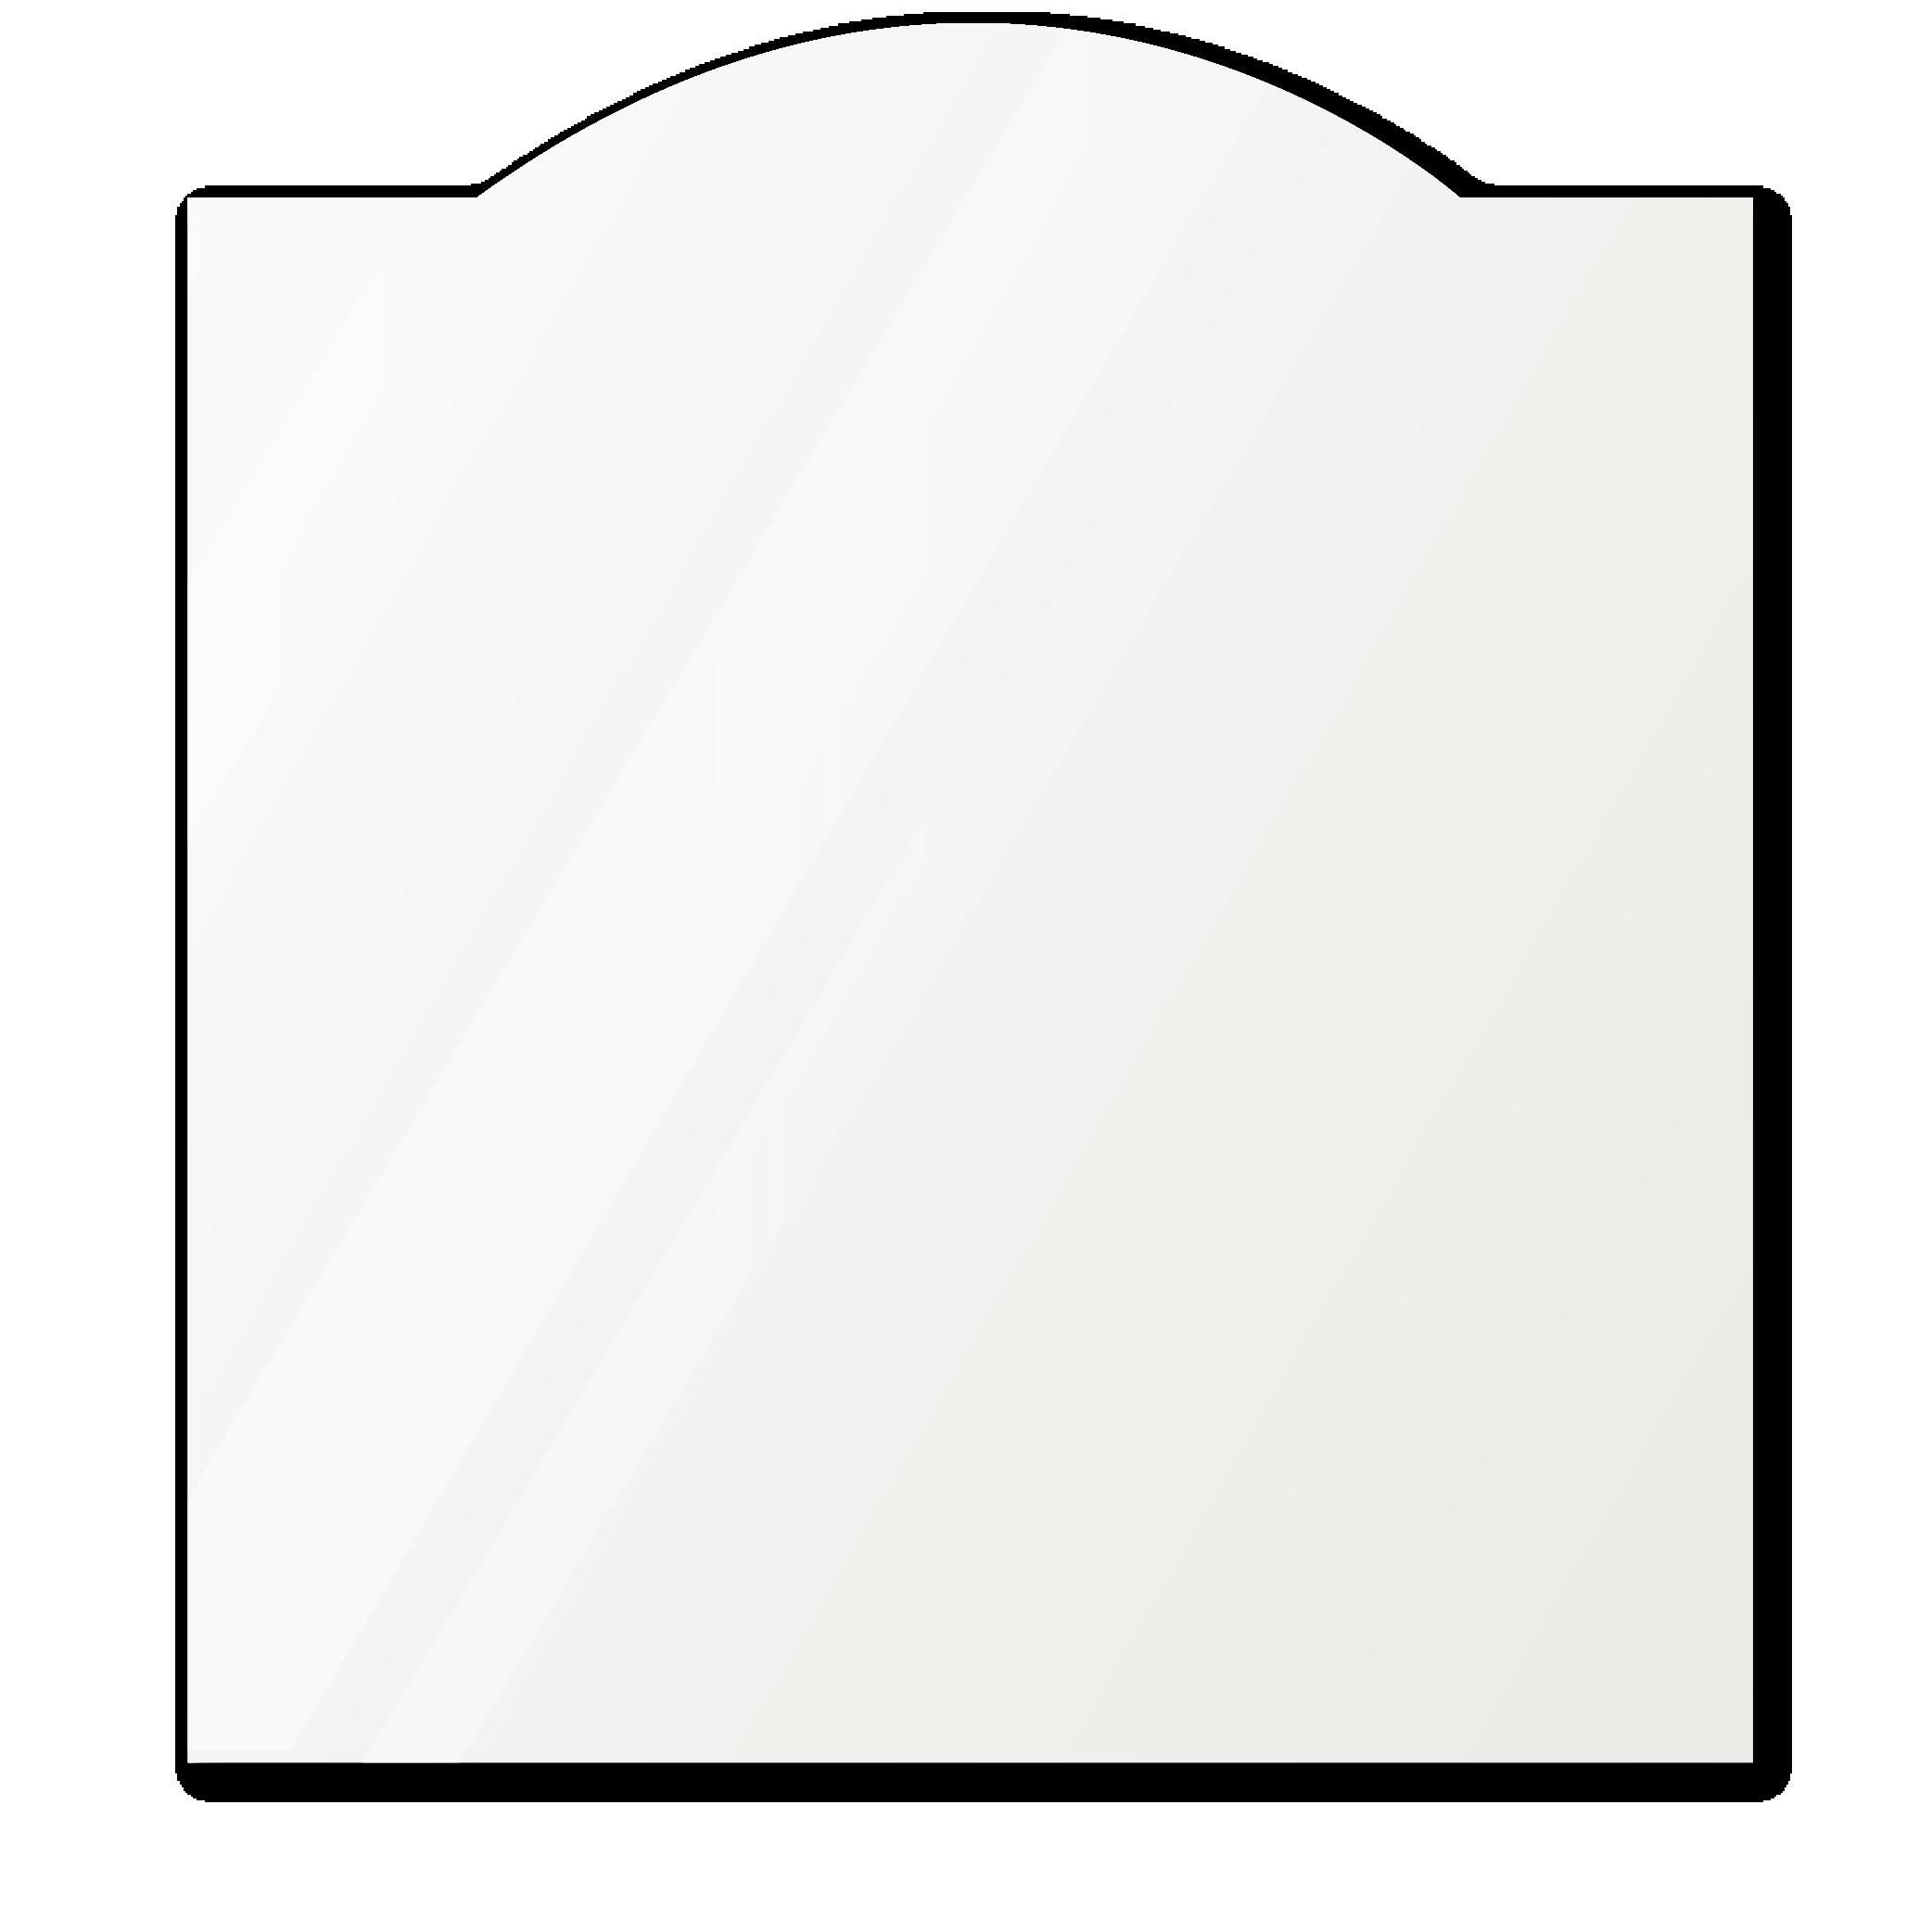 Фигурное зеркало 1000×1000 мм осветленное с еврокромкой и креплением на клей